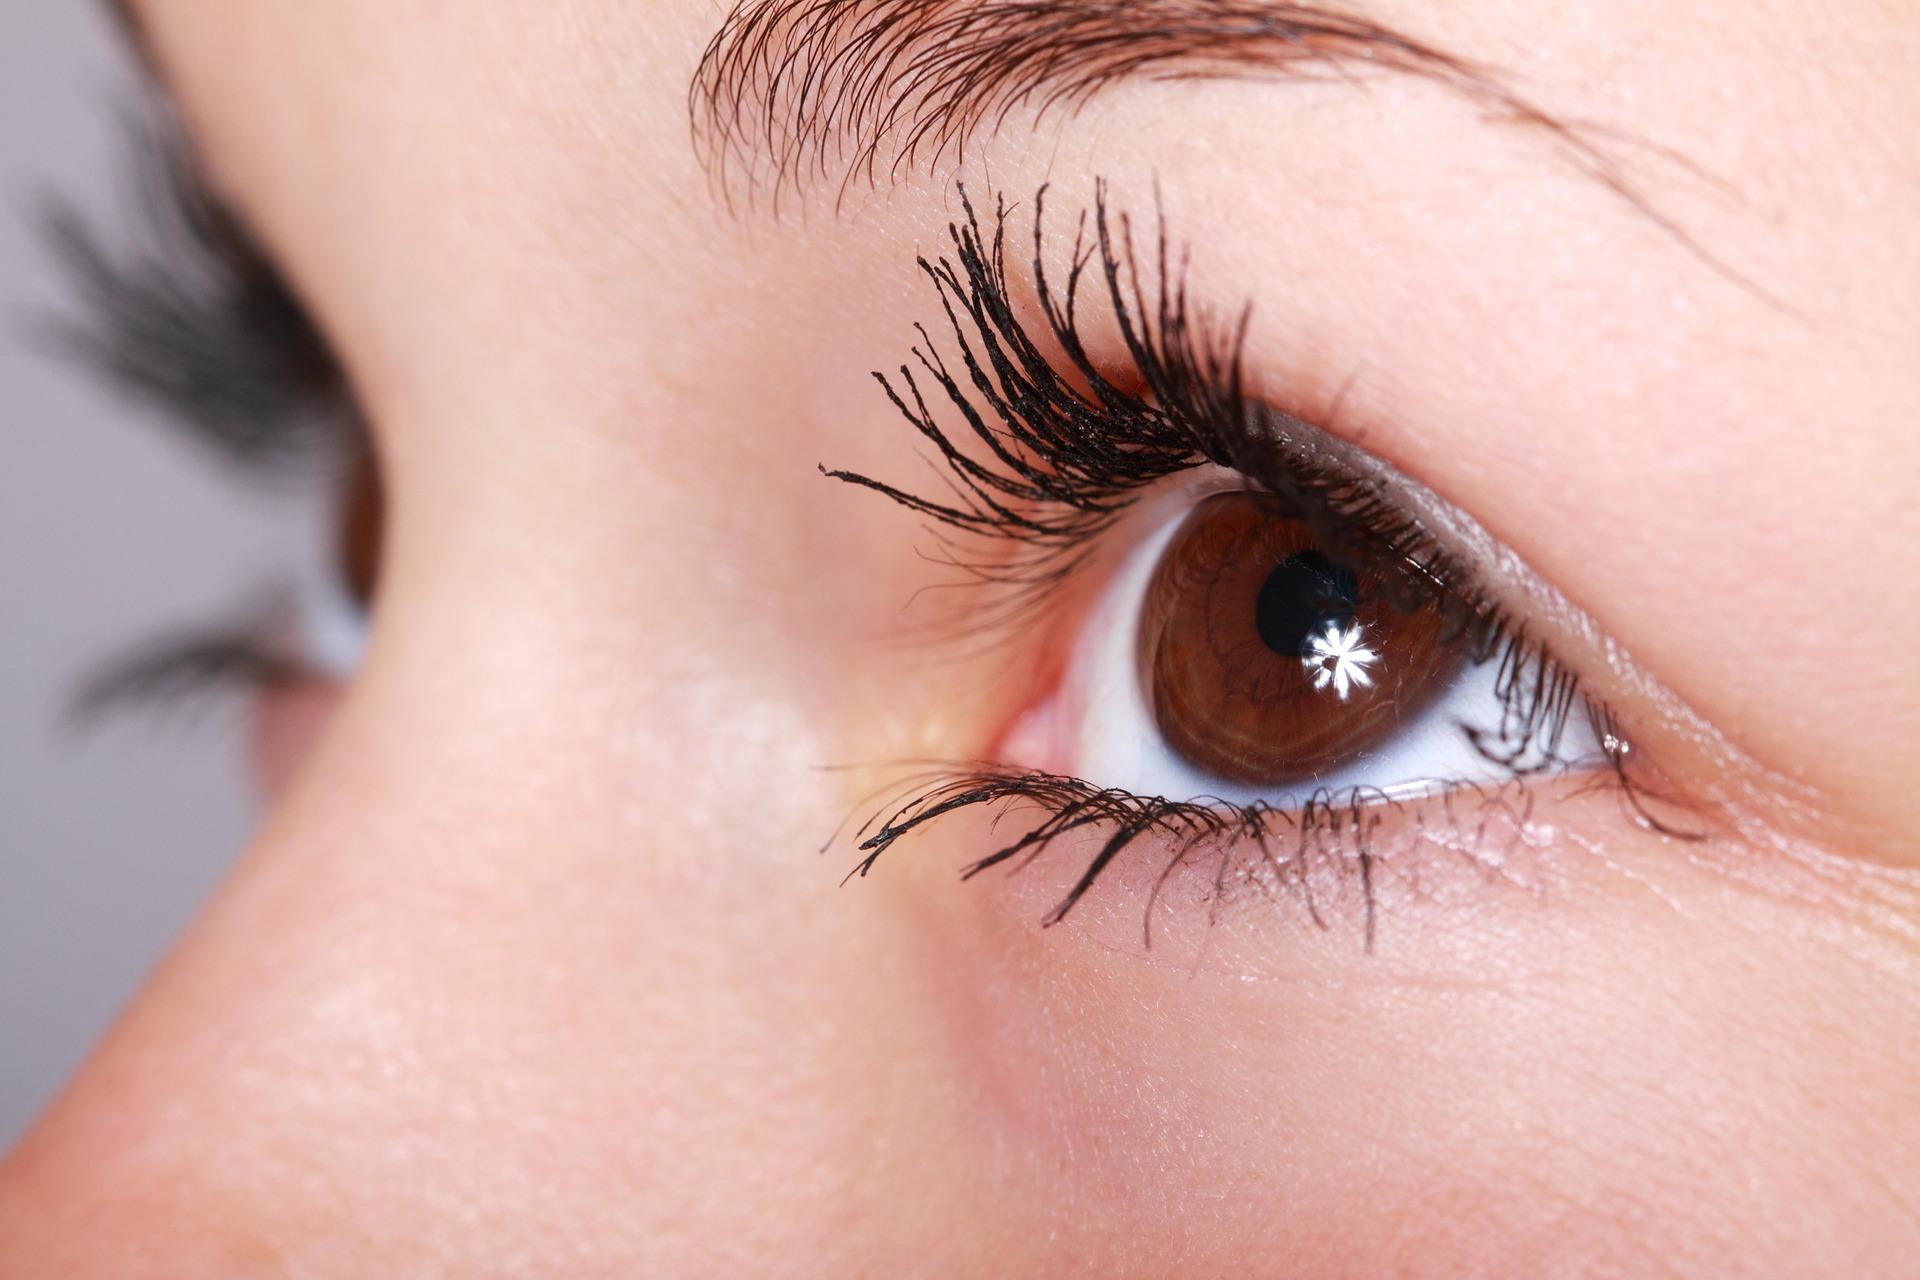 Fordele og ulemper ved extensions til øjenvipperne